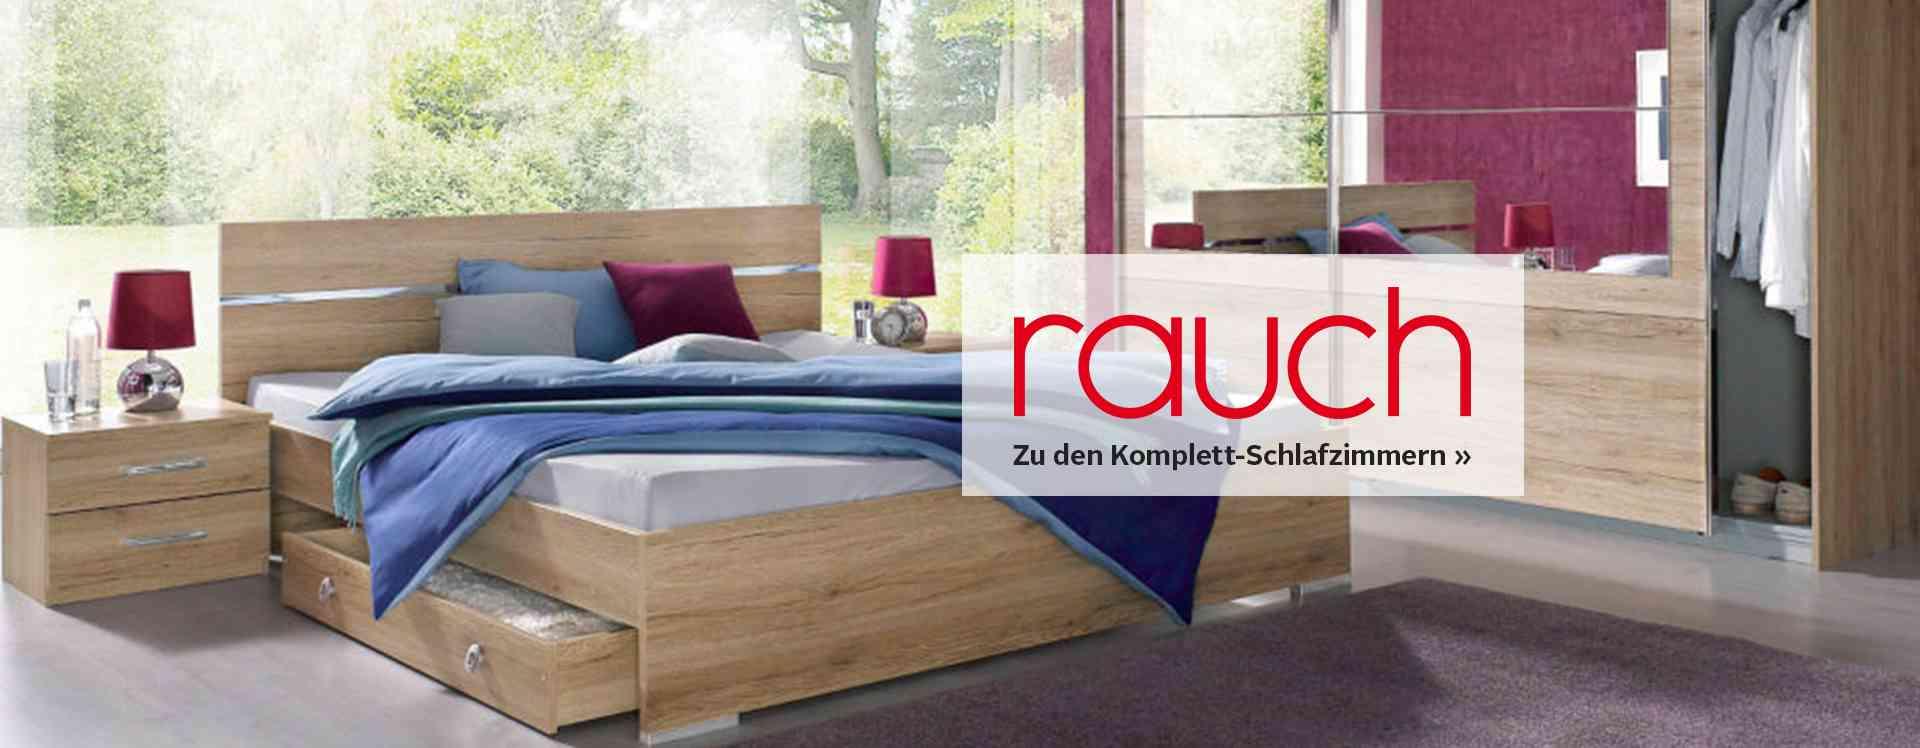 rauch m bel online kaufen otto. Black Bedroom Furniture Sets. Home Design Ideas